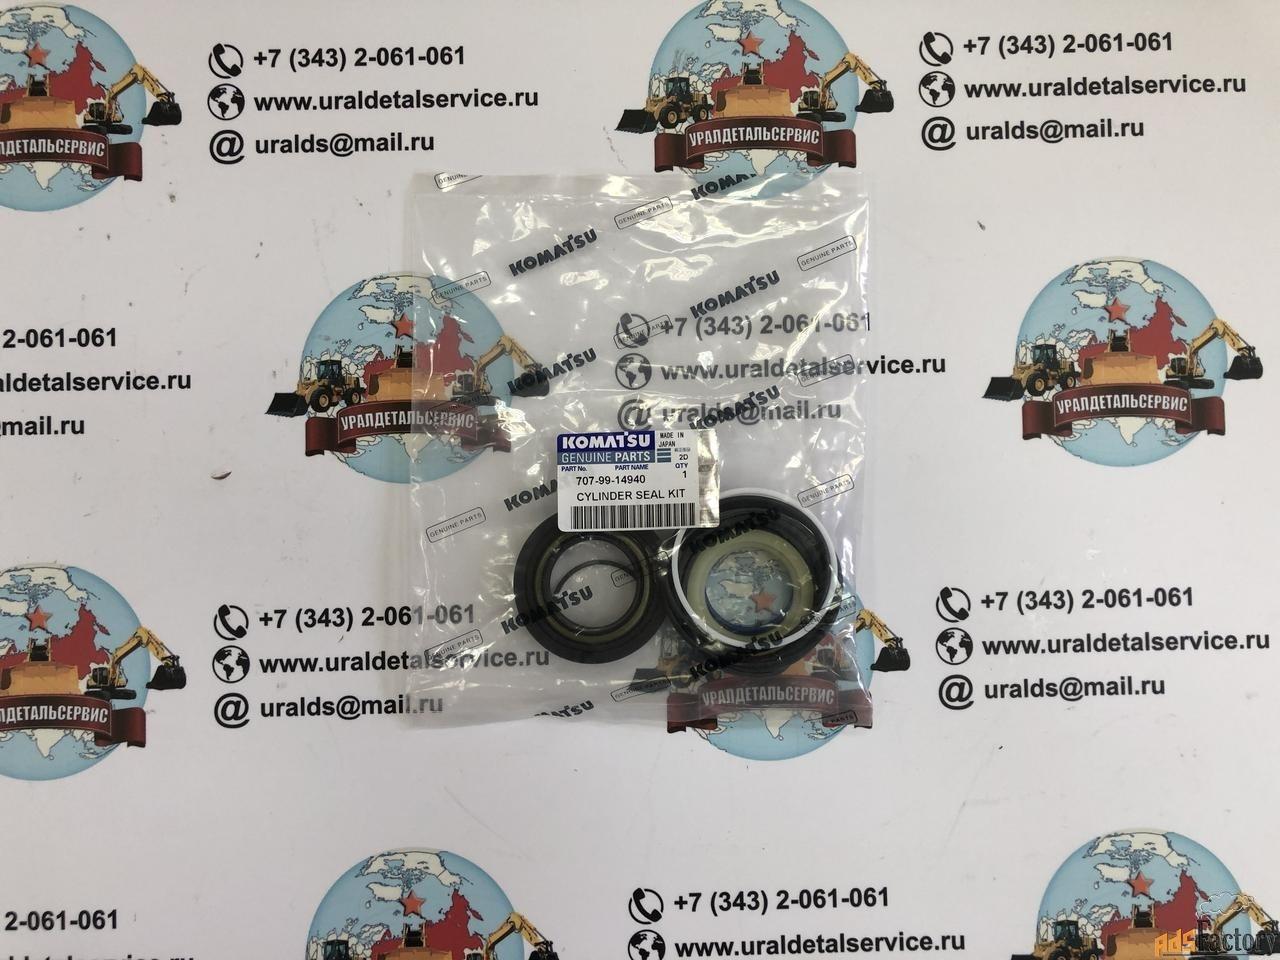 ремкомплект гидроцилиндра аутригера 707-99-14940 komatsu